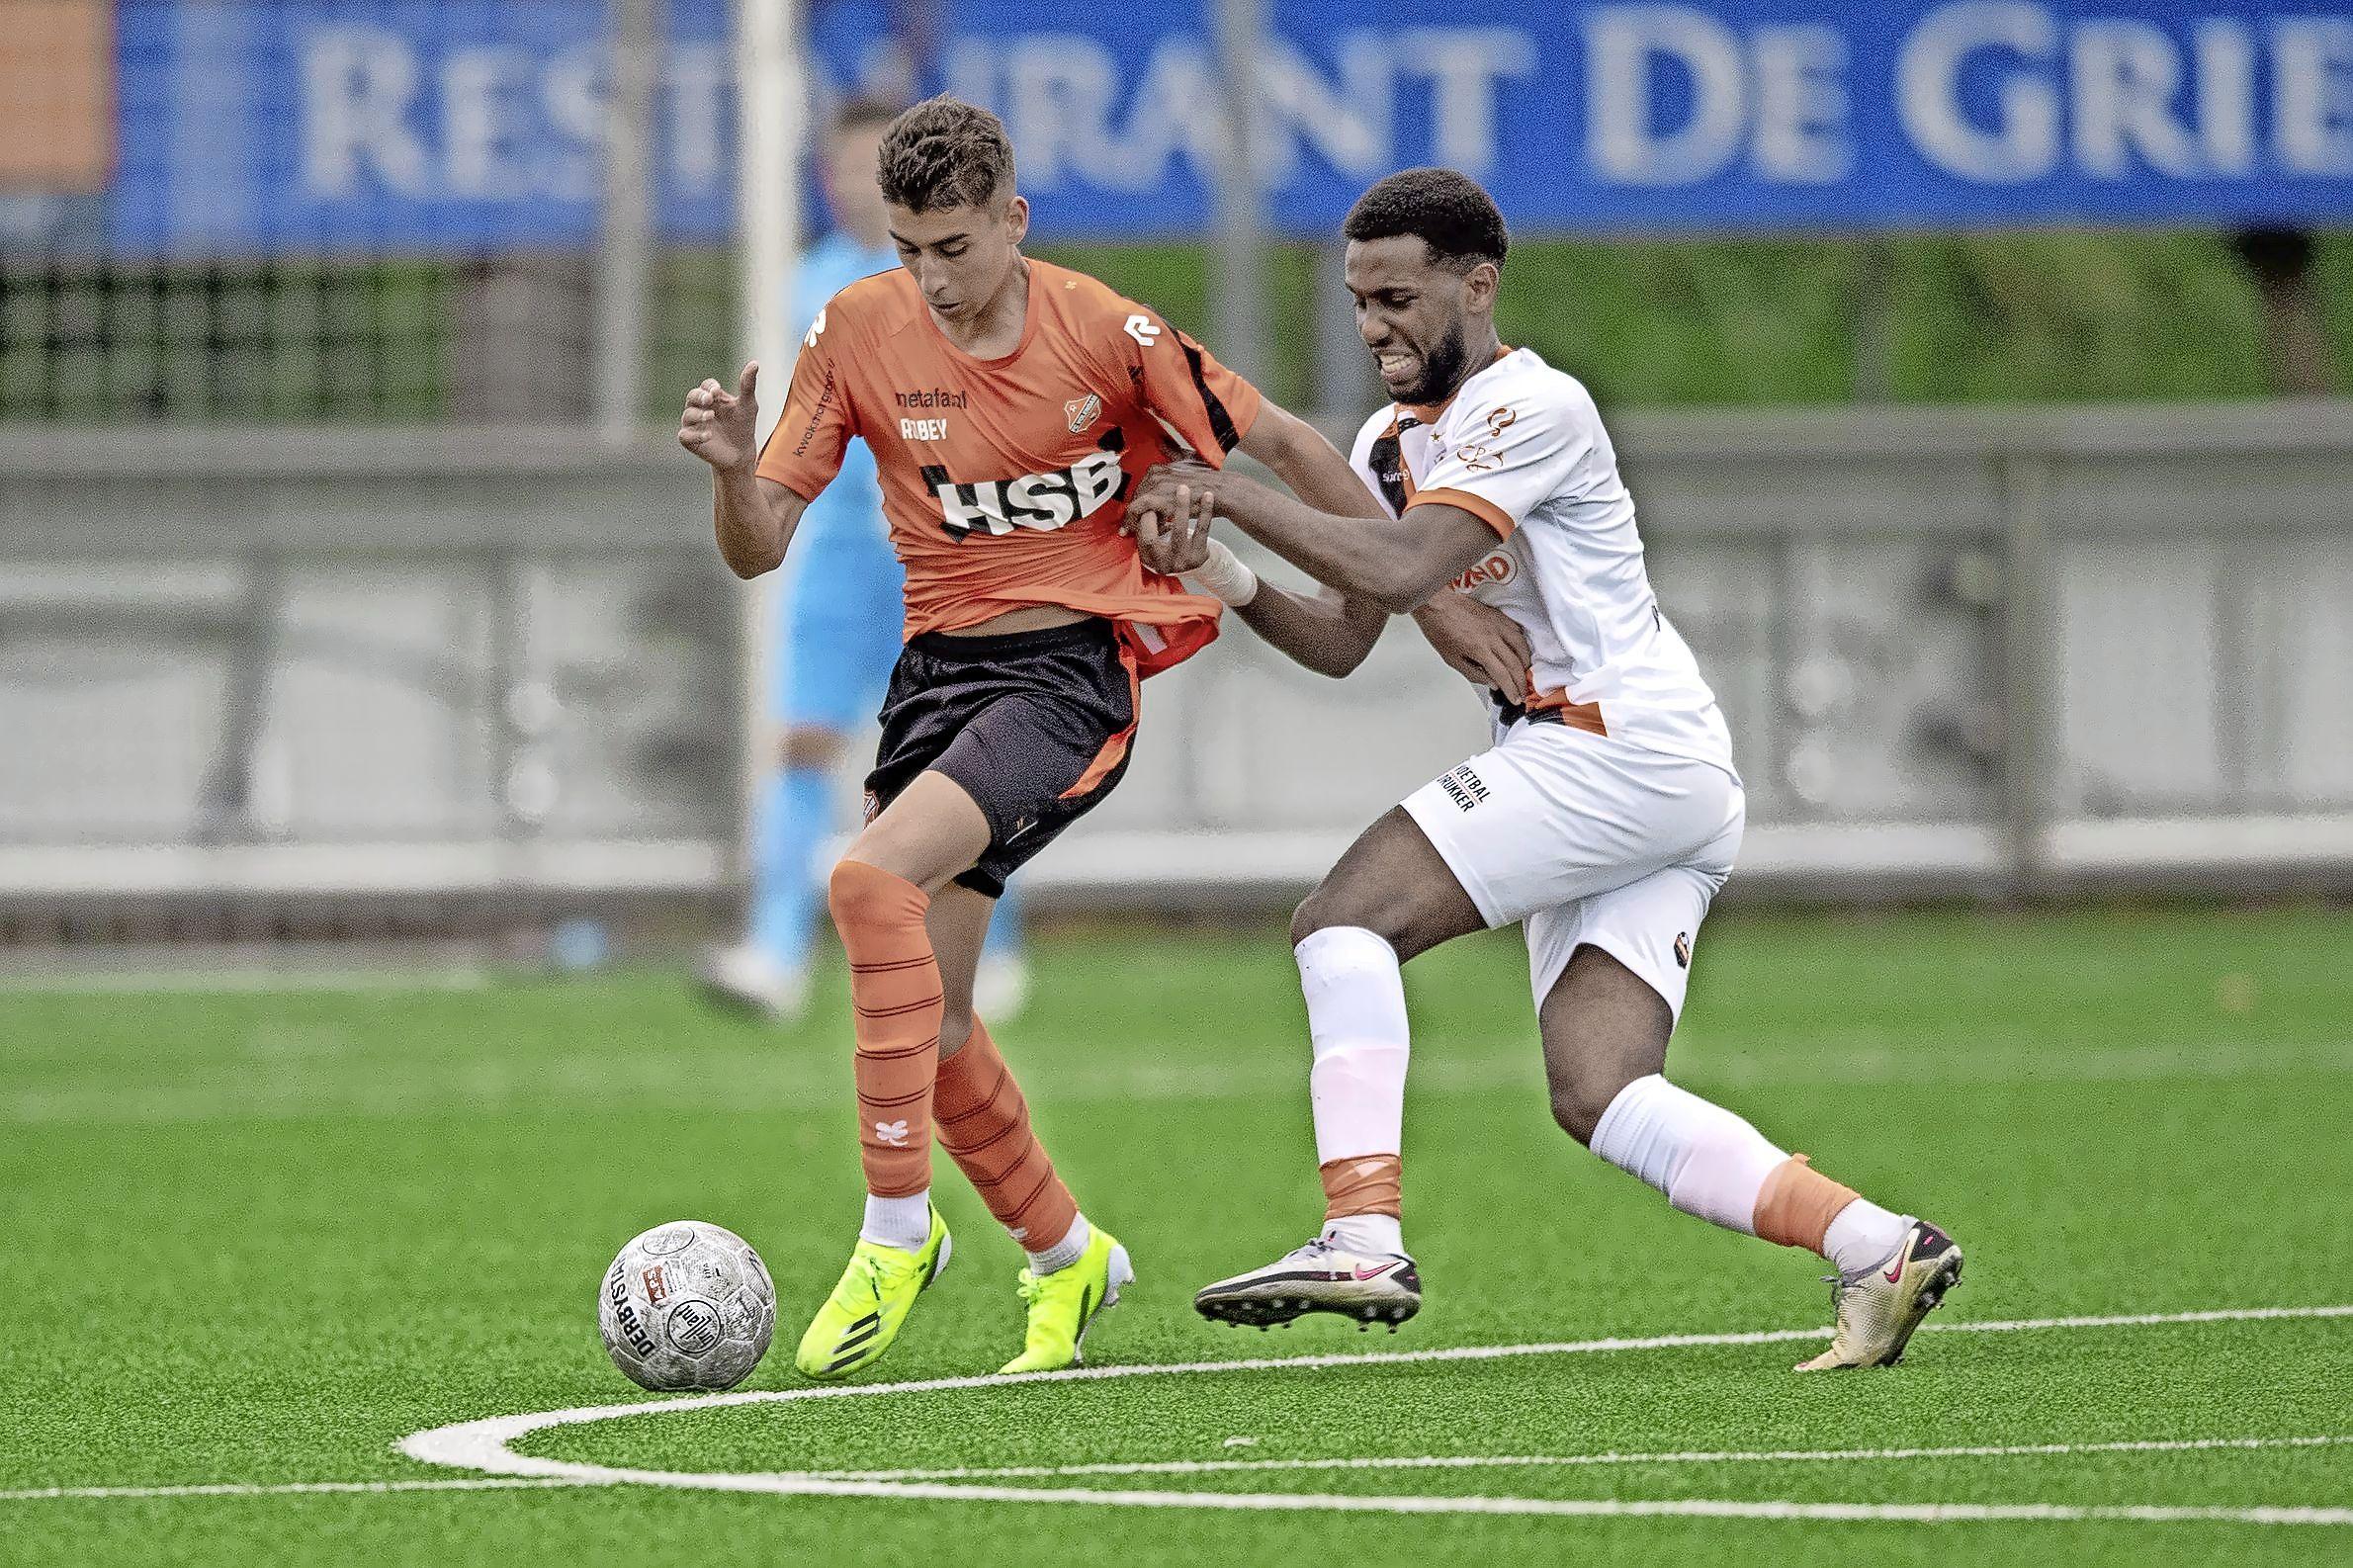 Katwijk-aanwinst Mukhtar Suleiman speelde nooit in de jeugdopleiding van een profclub maar dat is niet te merken